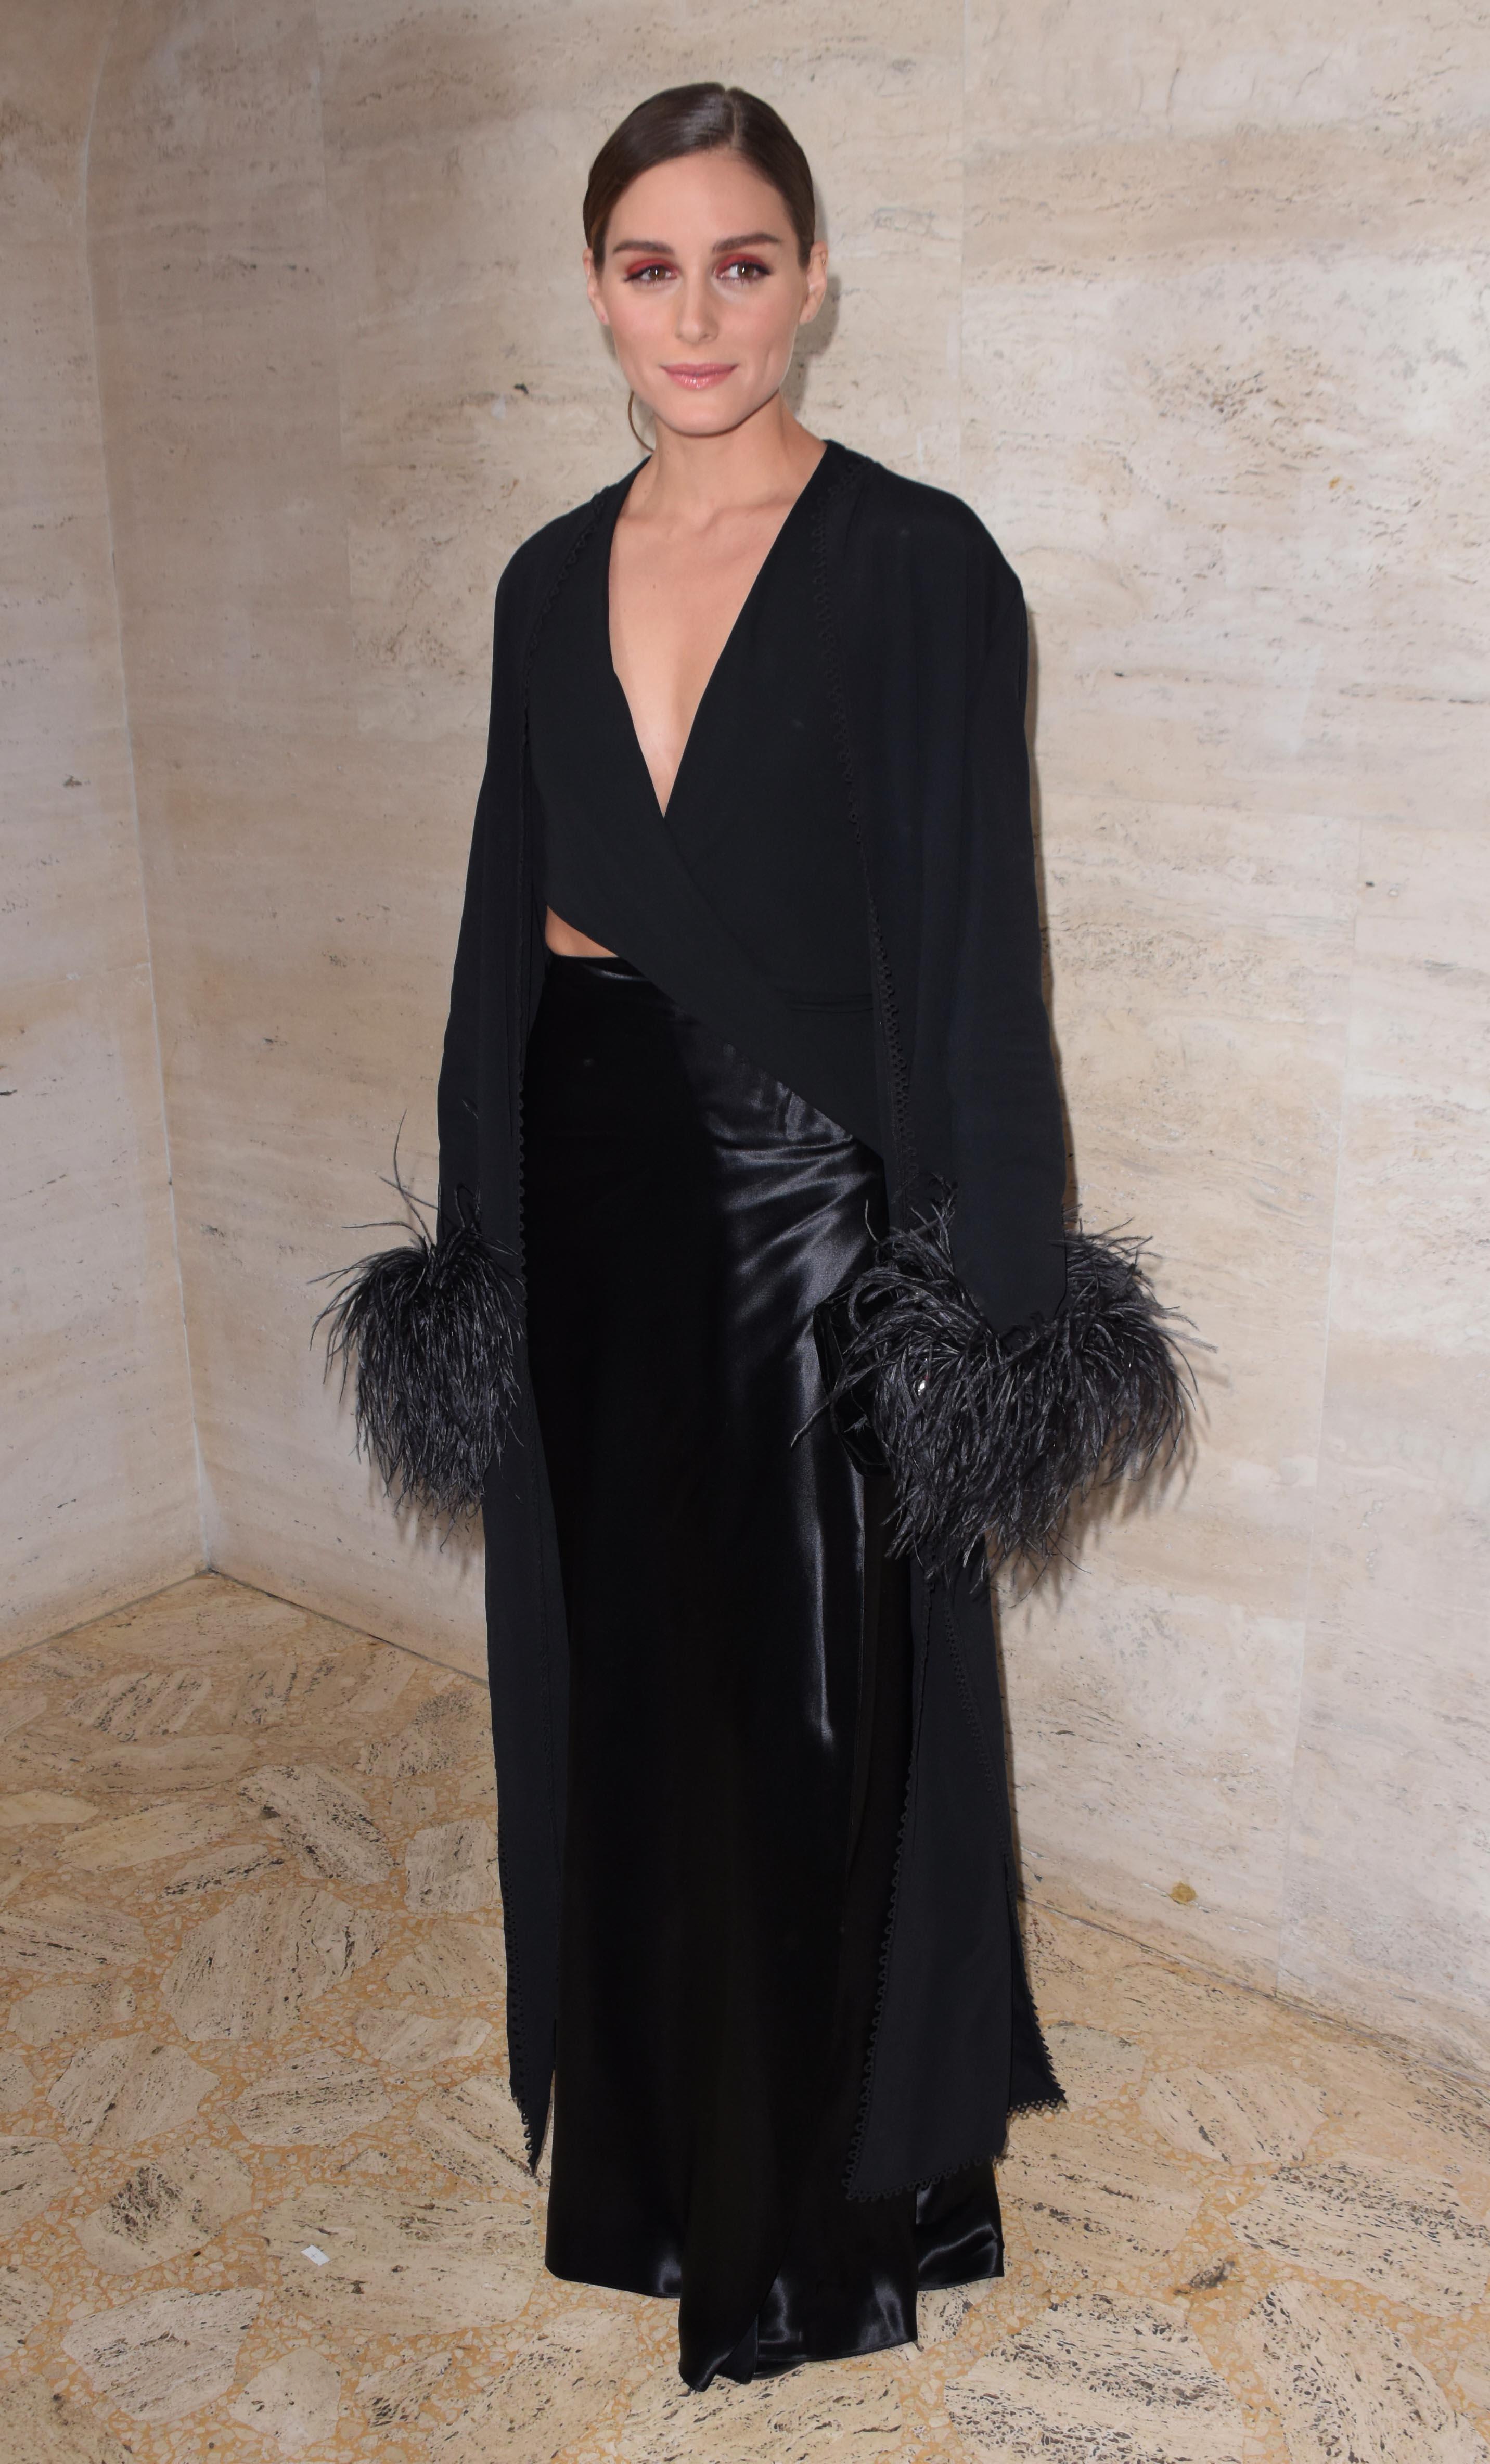 Olivia Palerma, looks